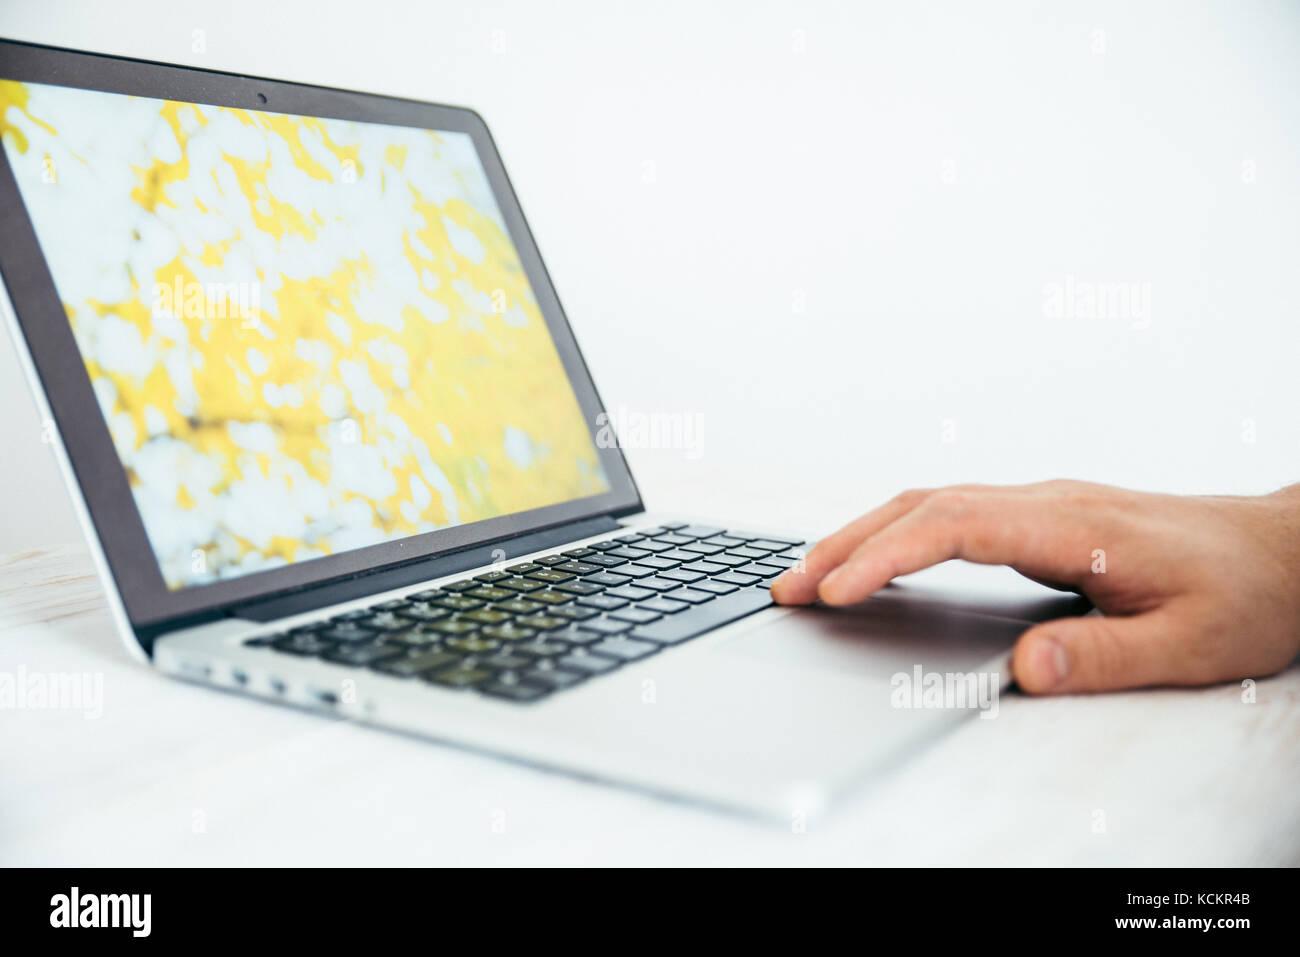 Mano utilizzando il touchpad di un portatile Foto Stock